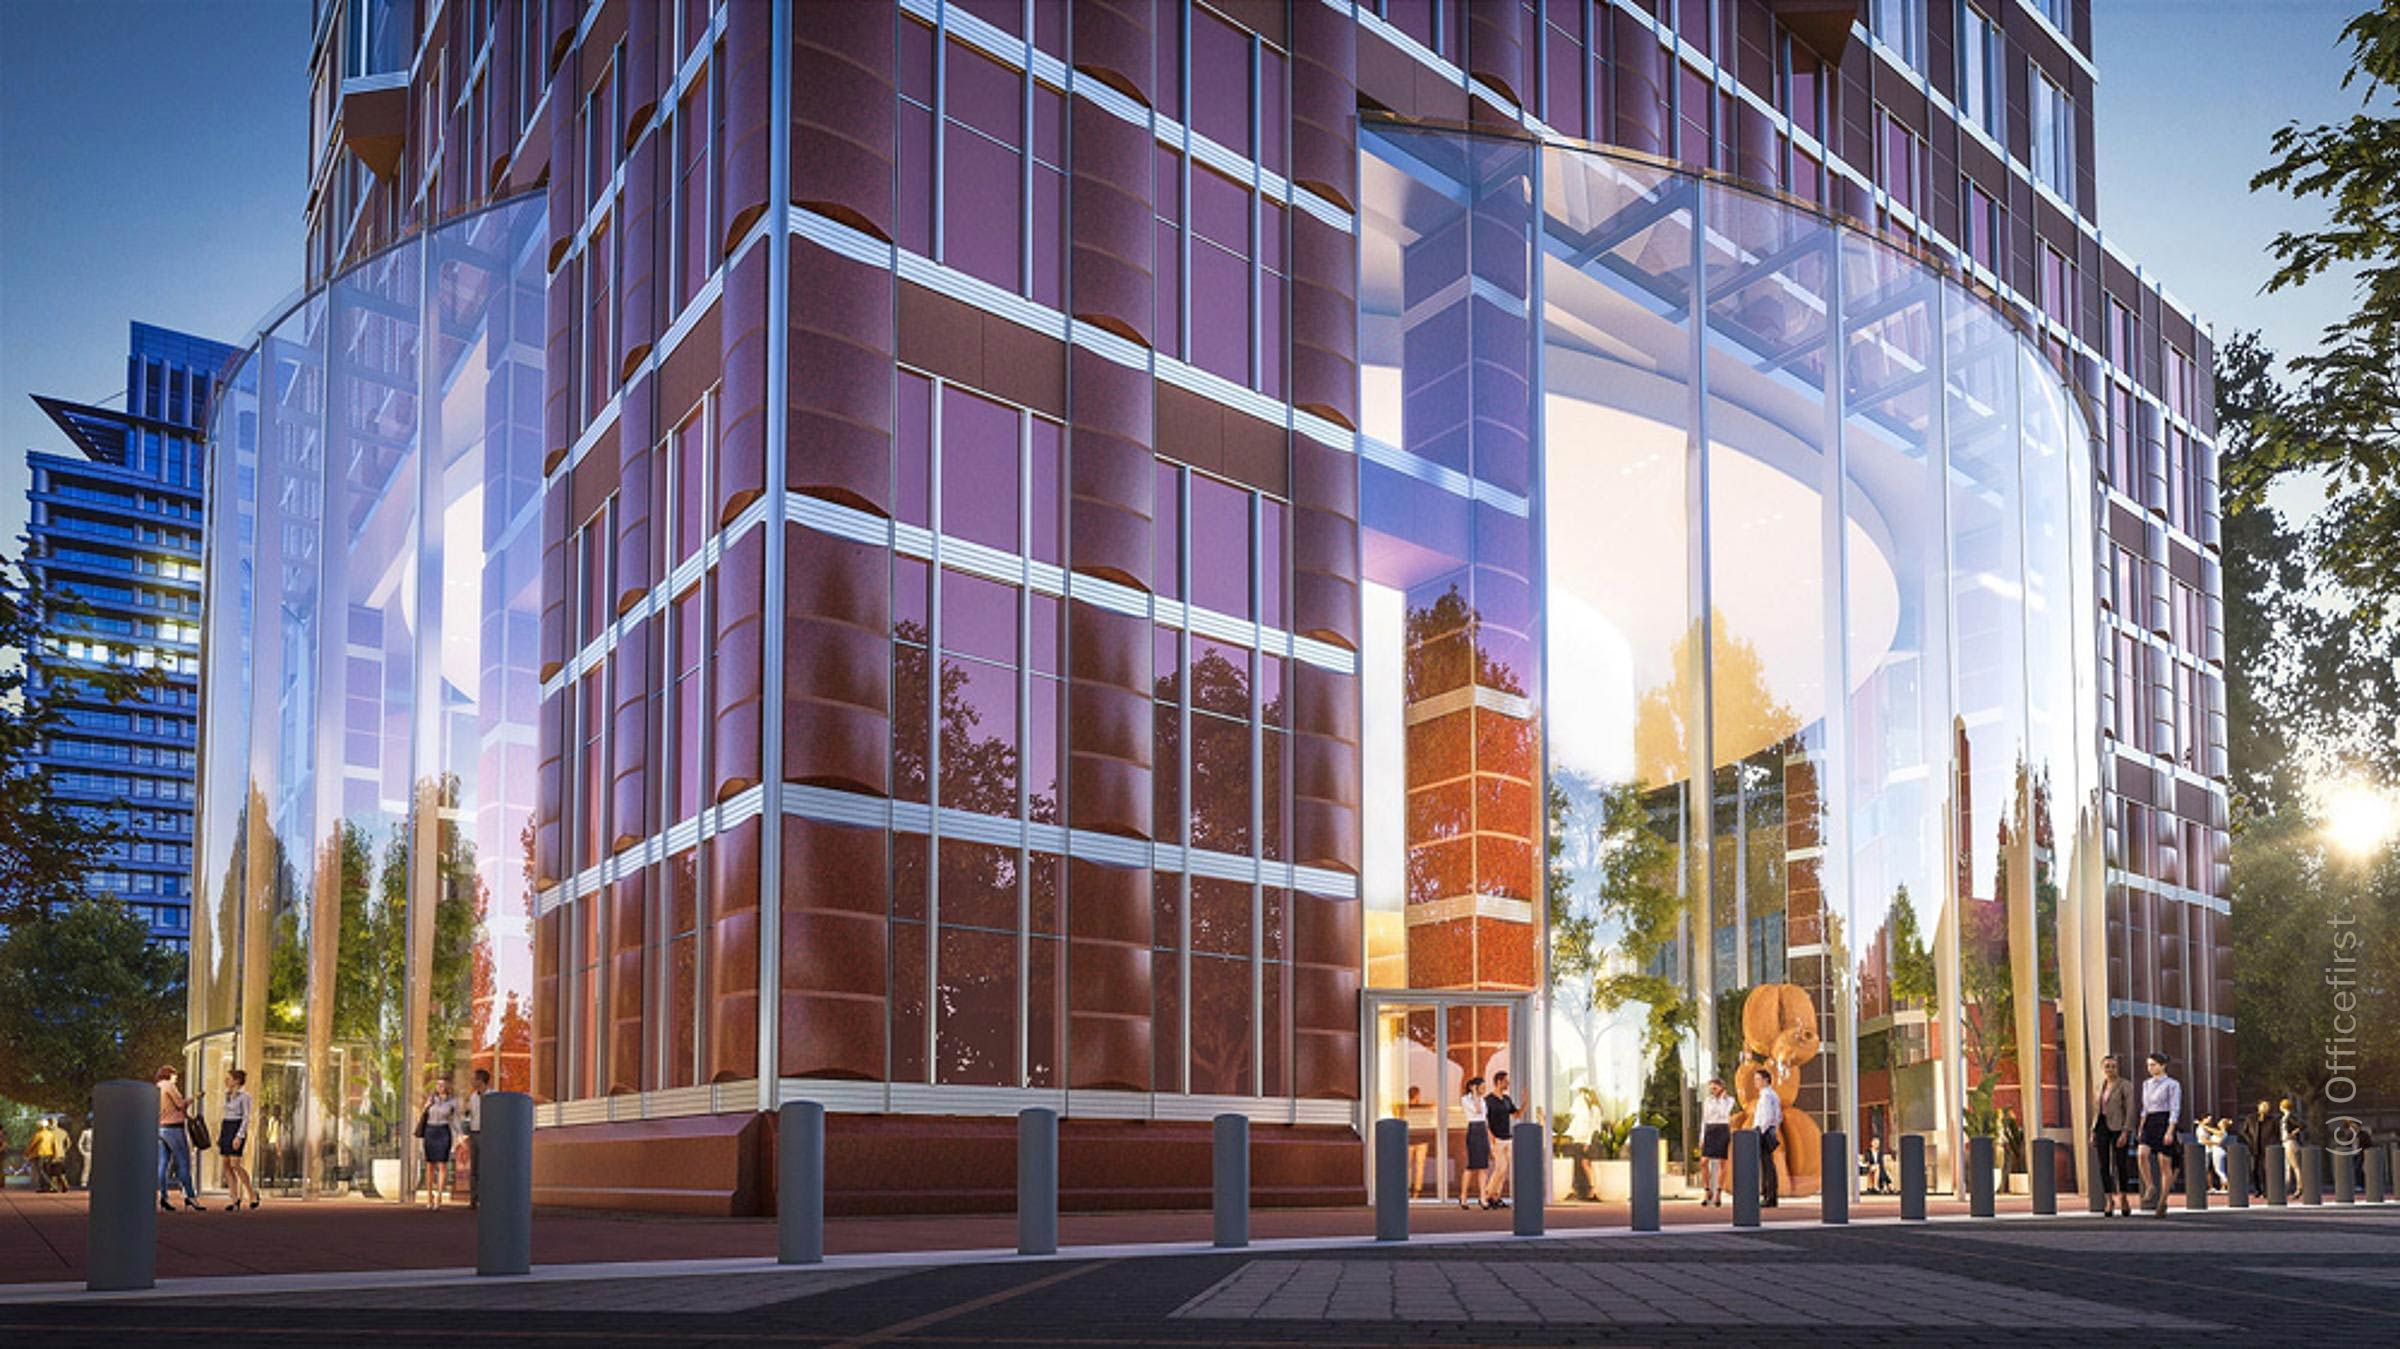 MesseTurm Frankfurt - Umbau und Revitalisierung - Rendering der geplanten Umbauten an der Lobby (c) Officefirst